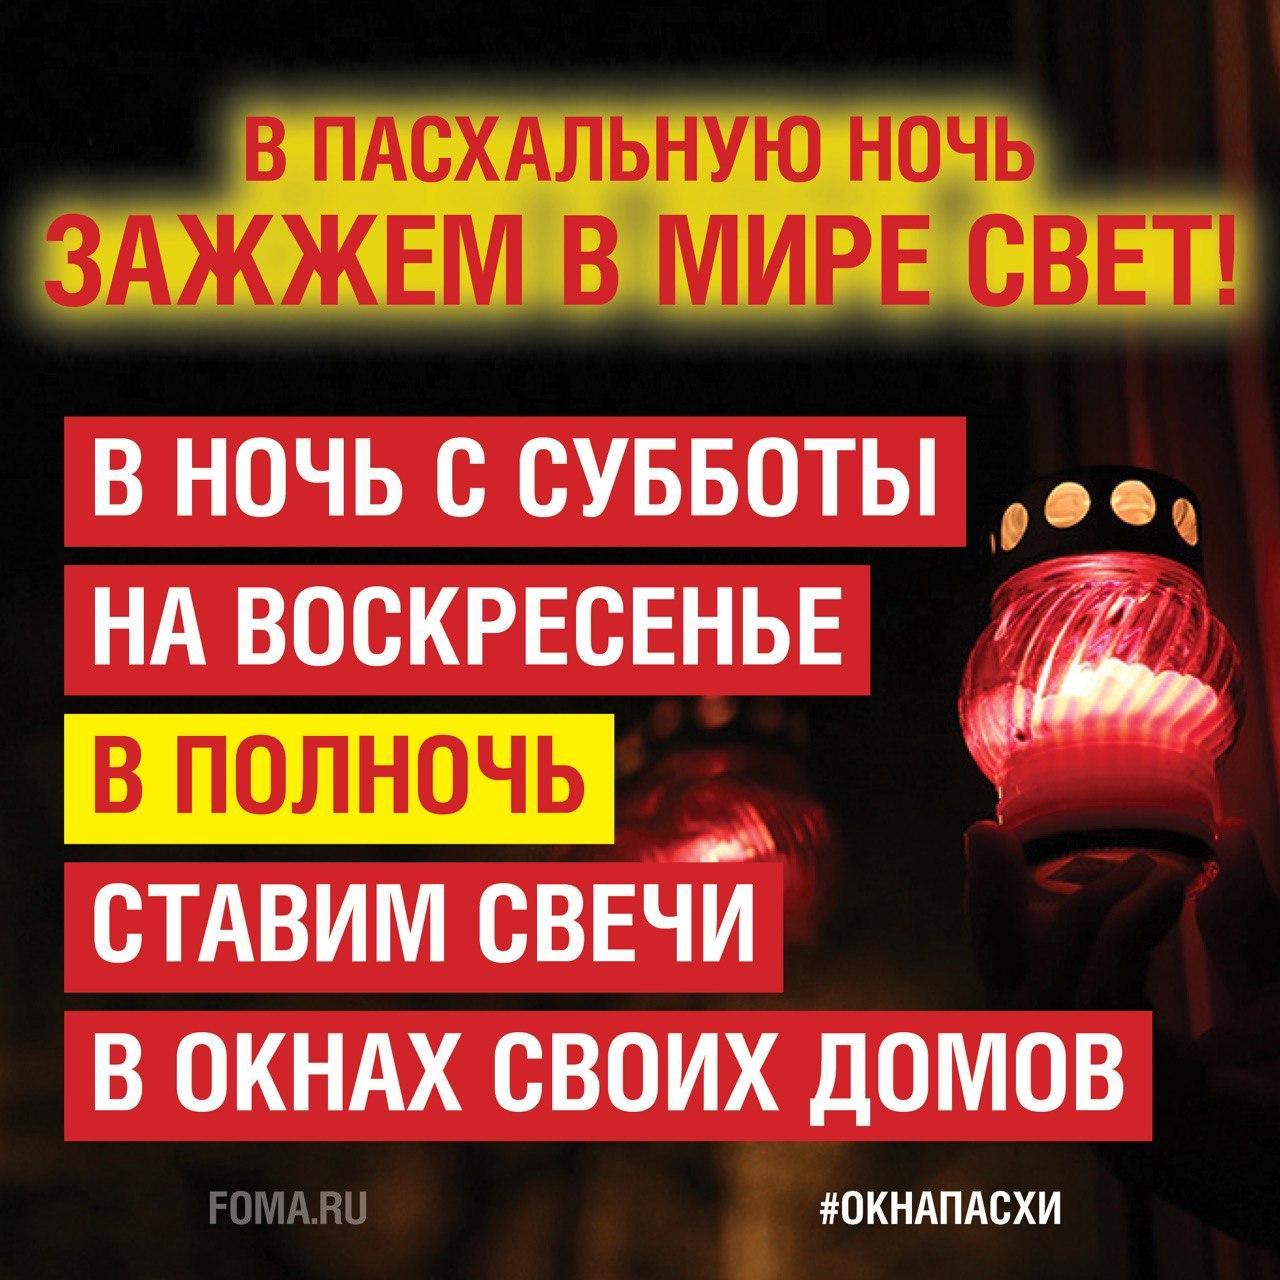 Окна Пасхи: в пасхальную ночь зажжем в мире свет!